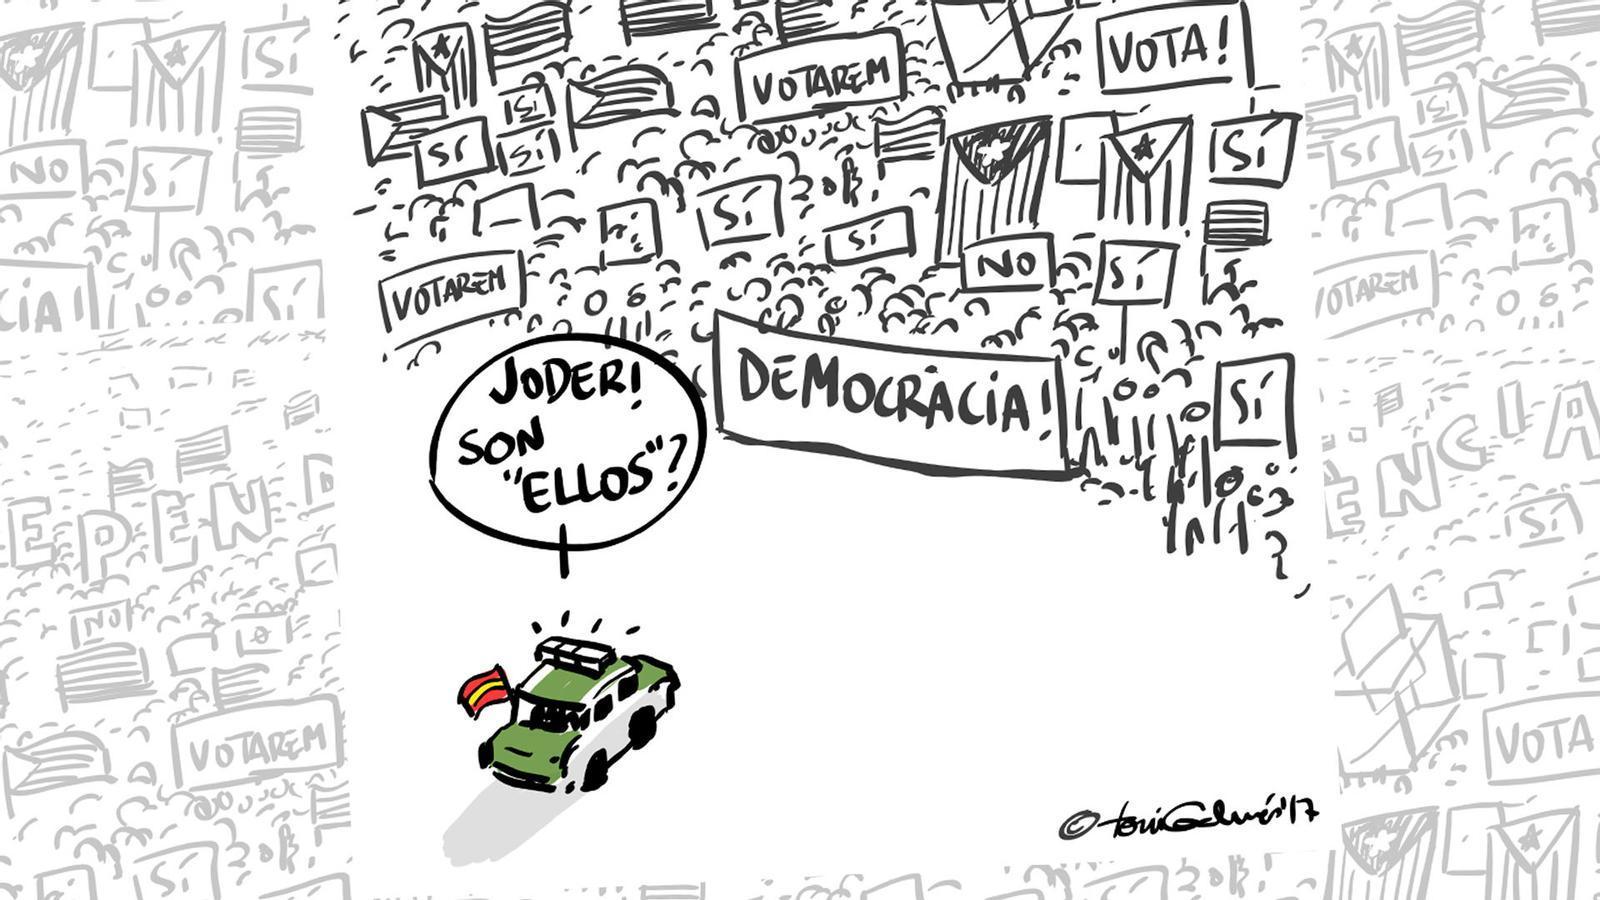 L'anàlisi d'Antoni Bassas: 'Anem a votar en pau'